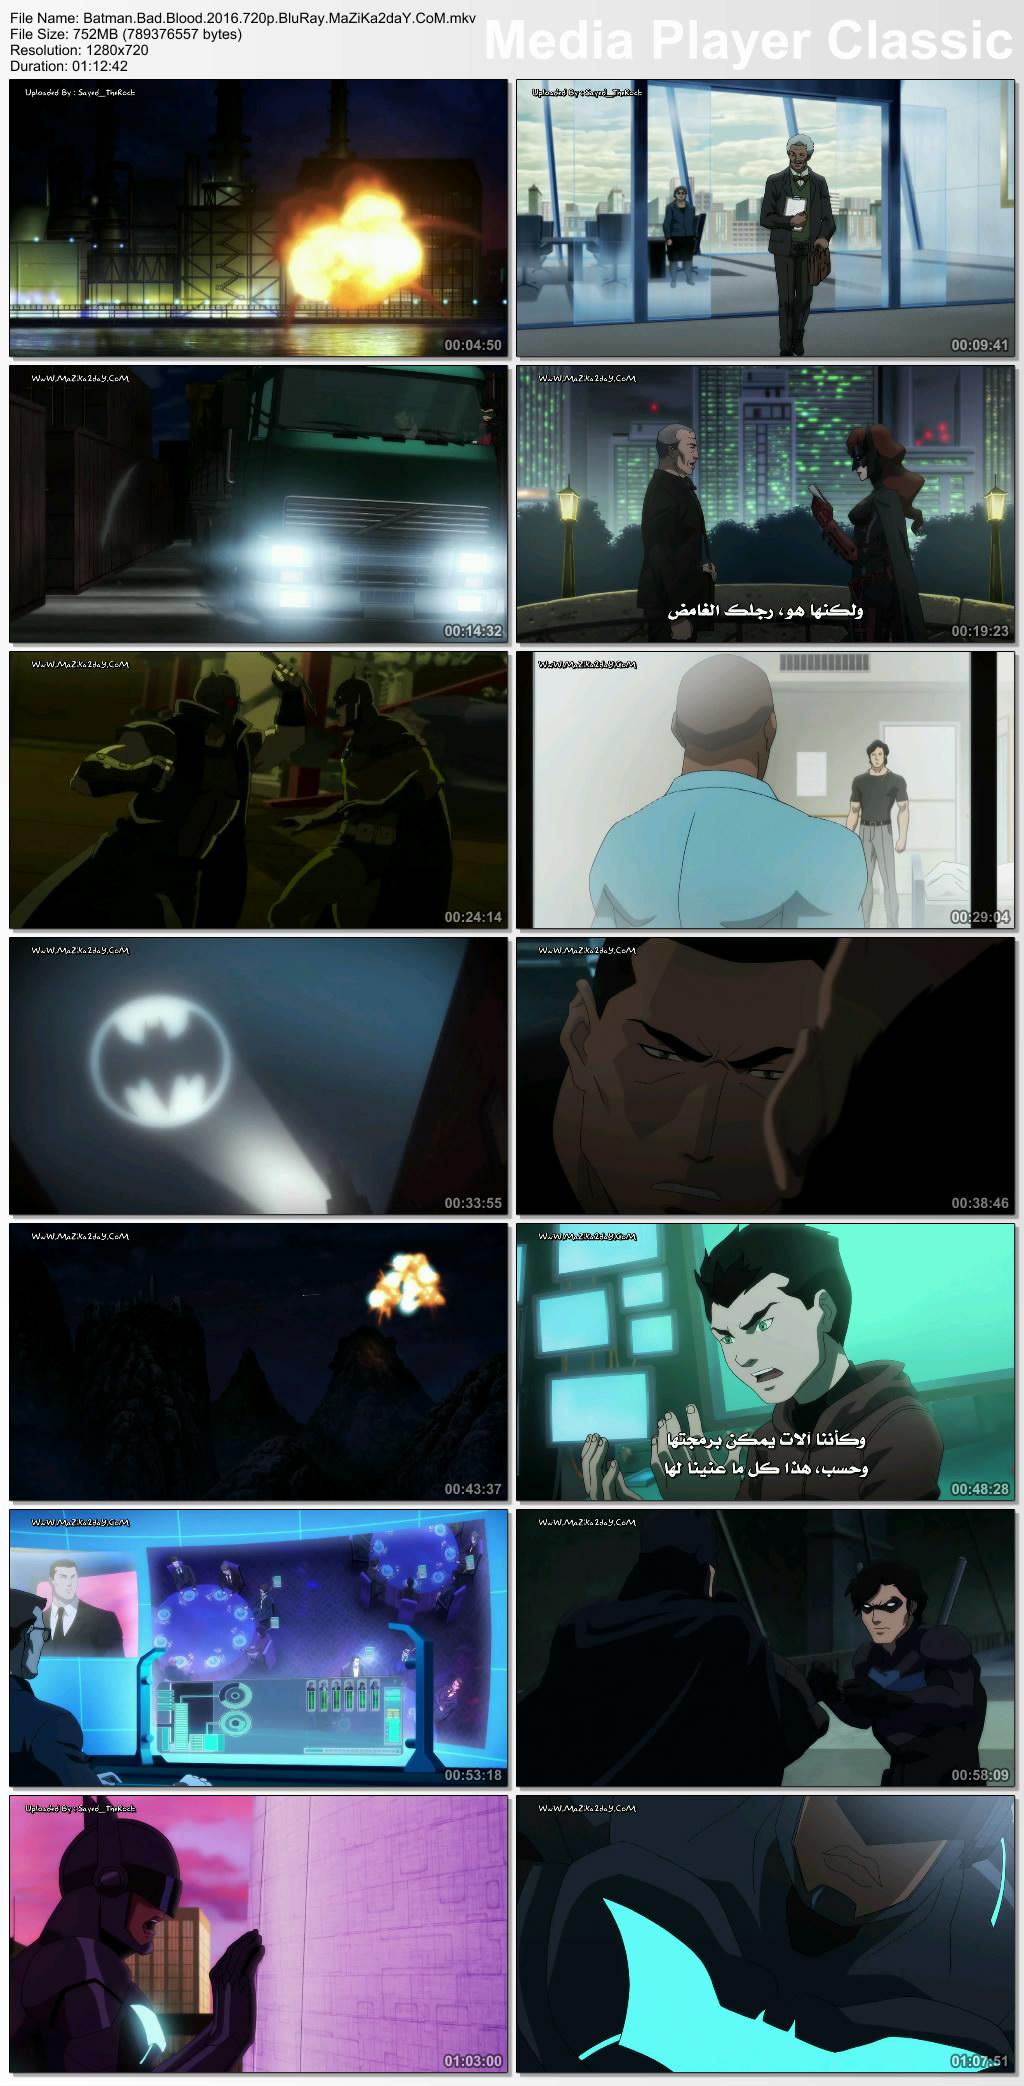 فيلم الأنمي الأكشن والمغامرات المُمتع Batman: Bad Blood 2016 مترجم تحميل مباشر Image